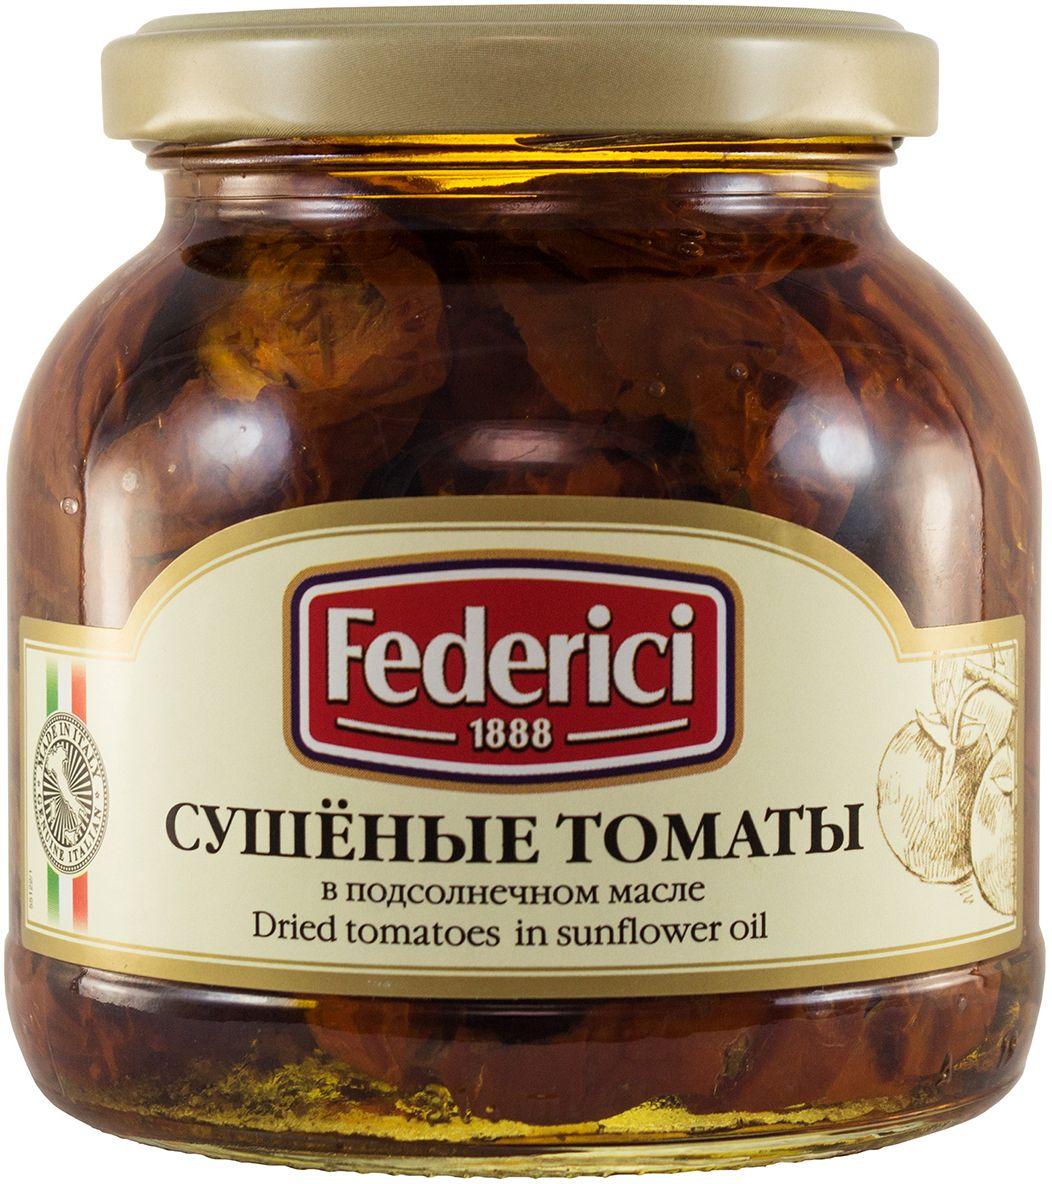 Federici Сушеные томаты в подсолнечном масле, 280 г0430054